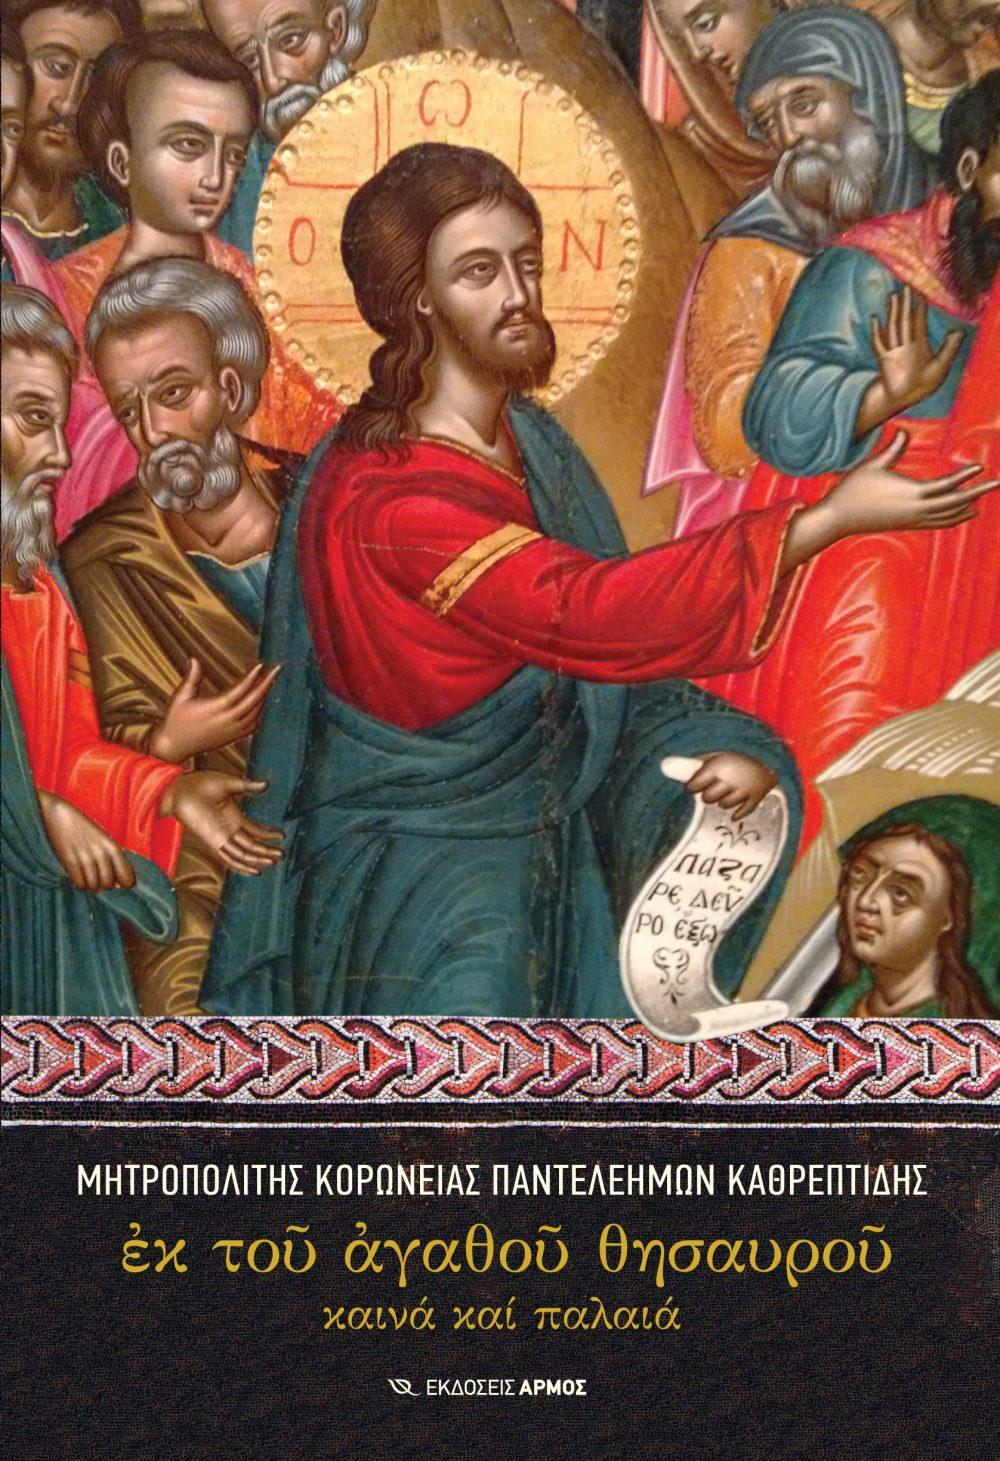 ek-tou-agathou-thisavrou kathreptidis